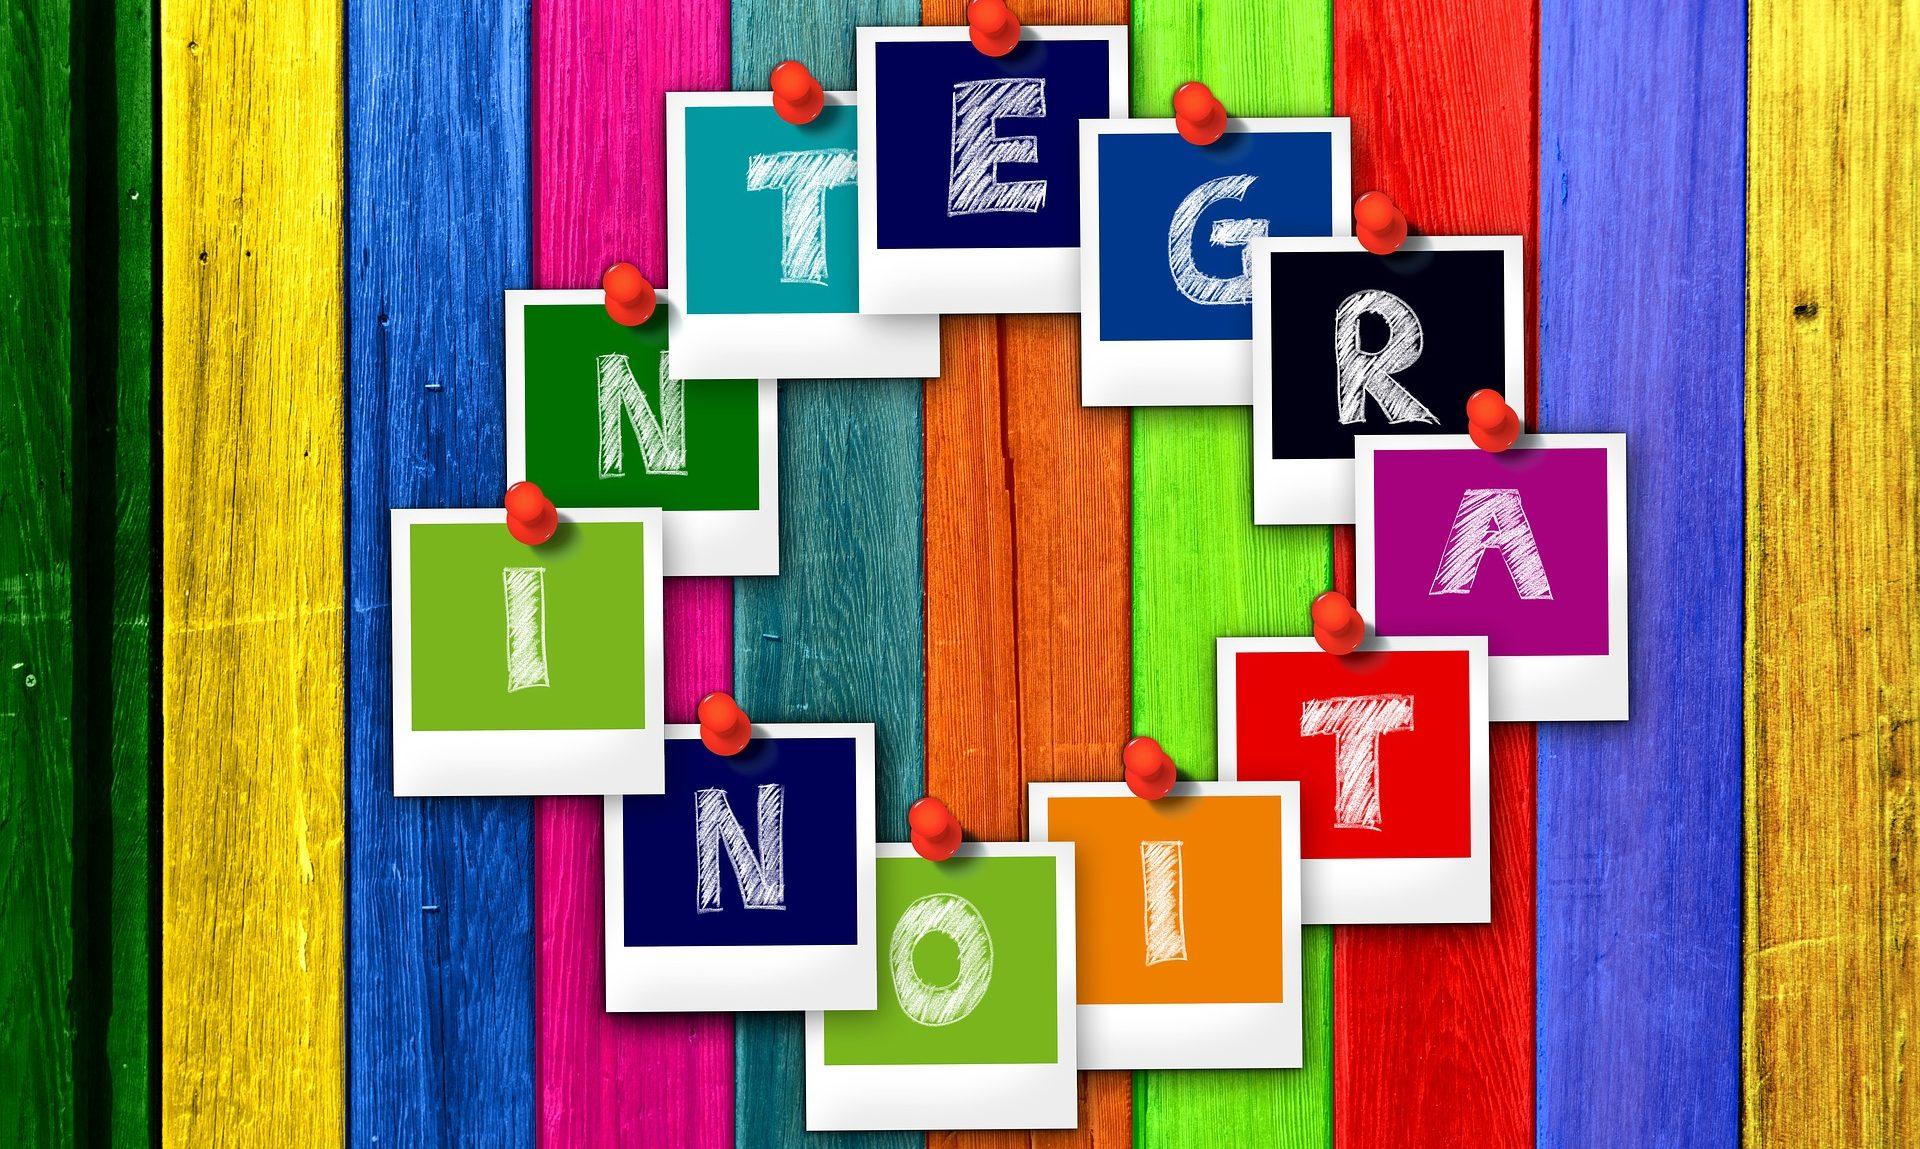 integration-2489613_1920.jpg